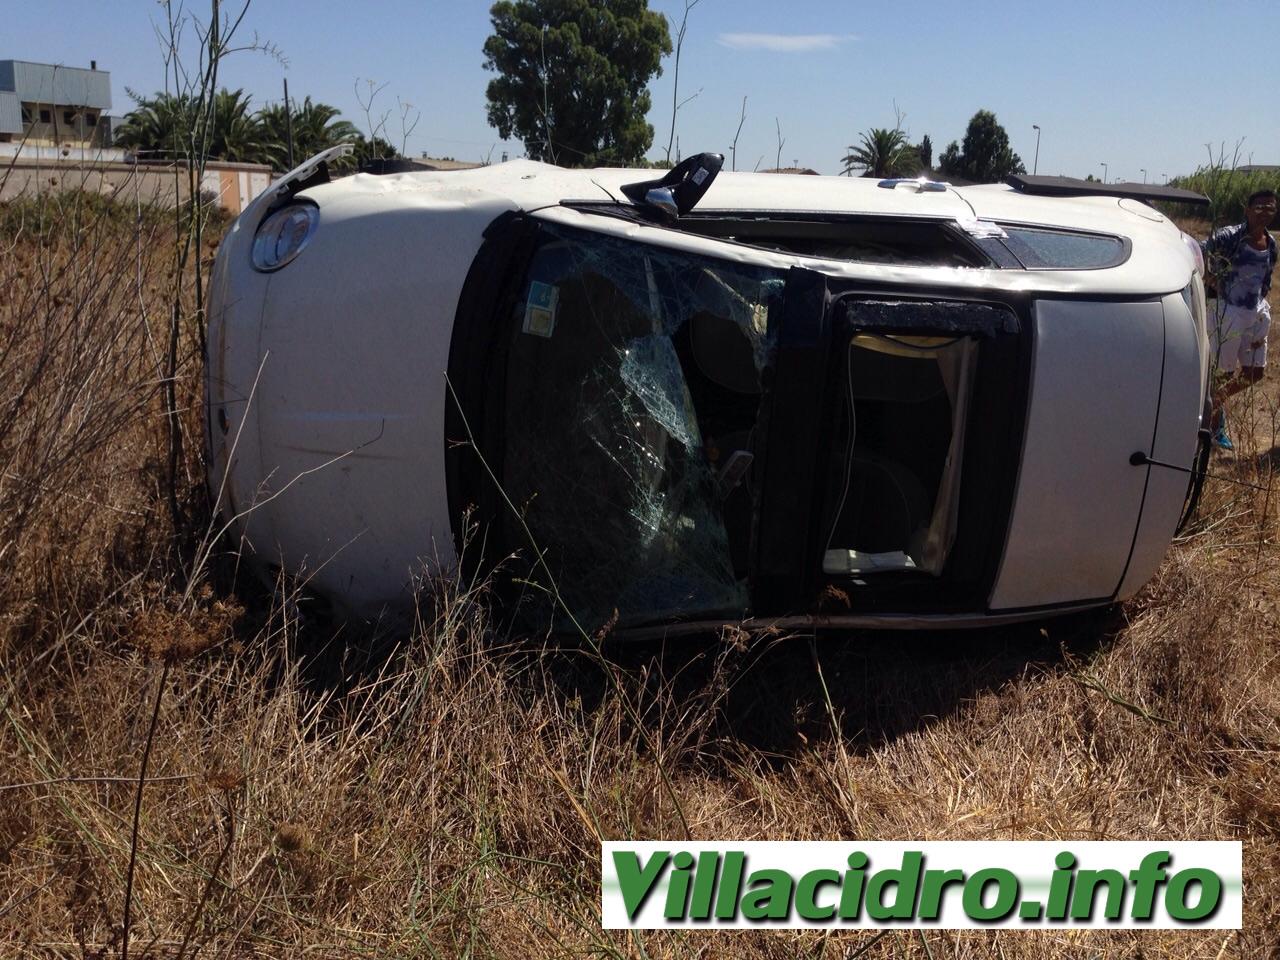 Incidente nell'incrocio tra San Gavino e Villacidro